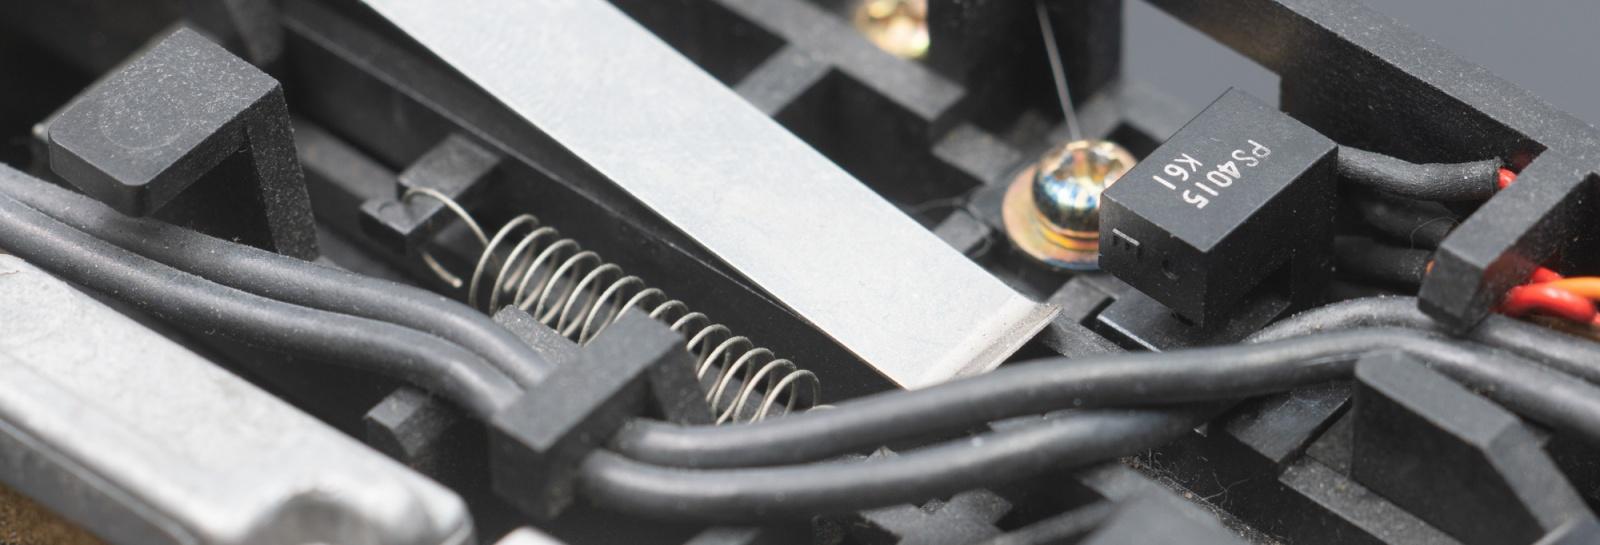 DISTR 3: софт с пятидюймовых дискет - 4